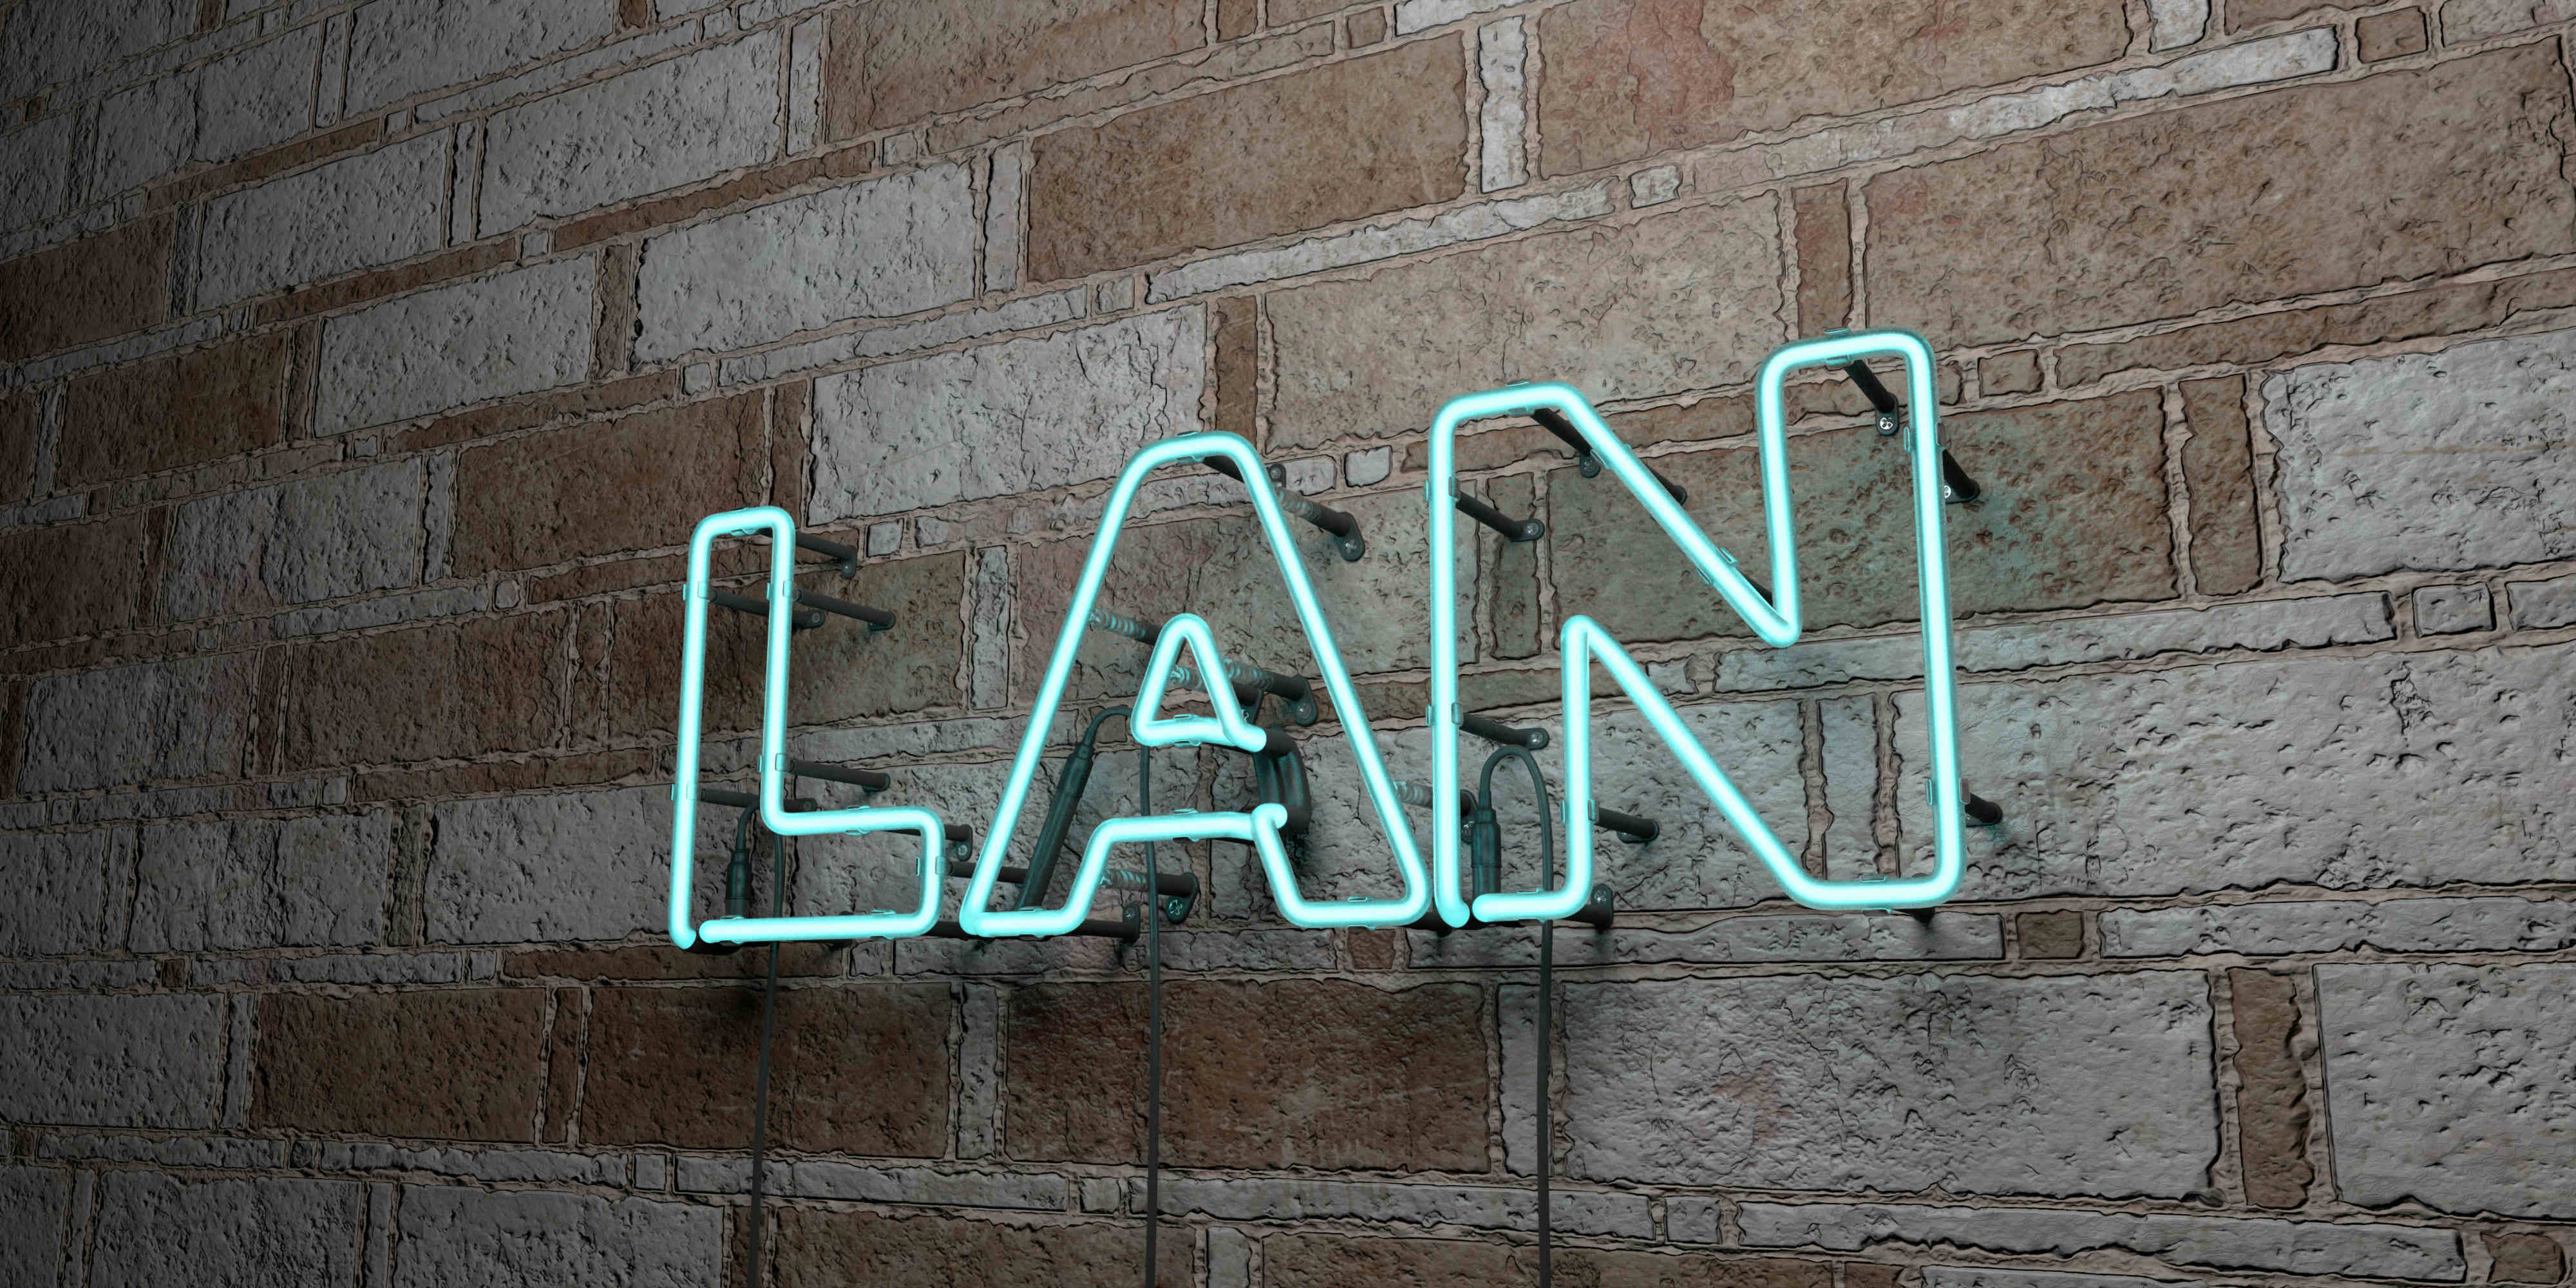 有線LANが無線より優れている?メリット・デメリットを解説